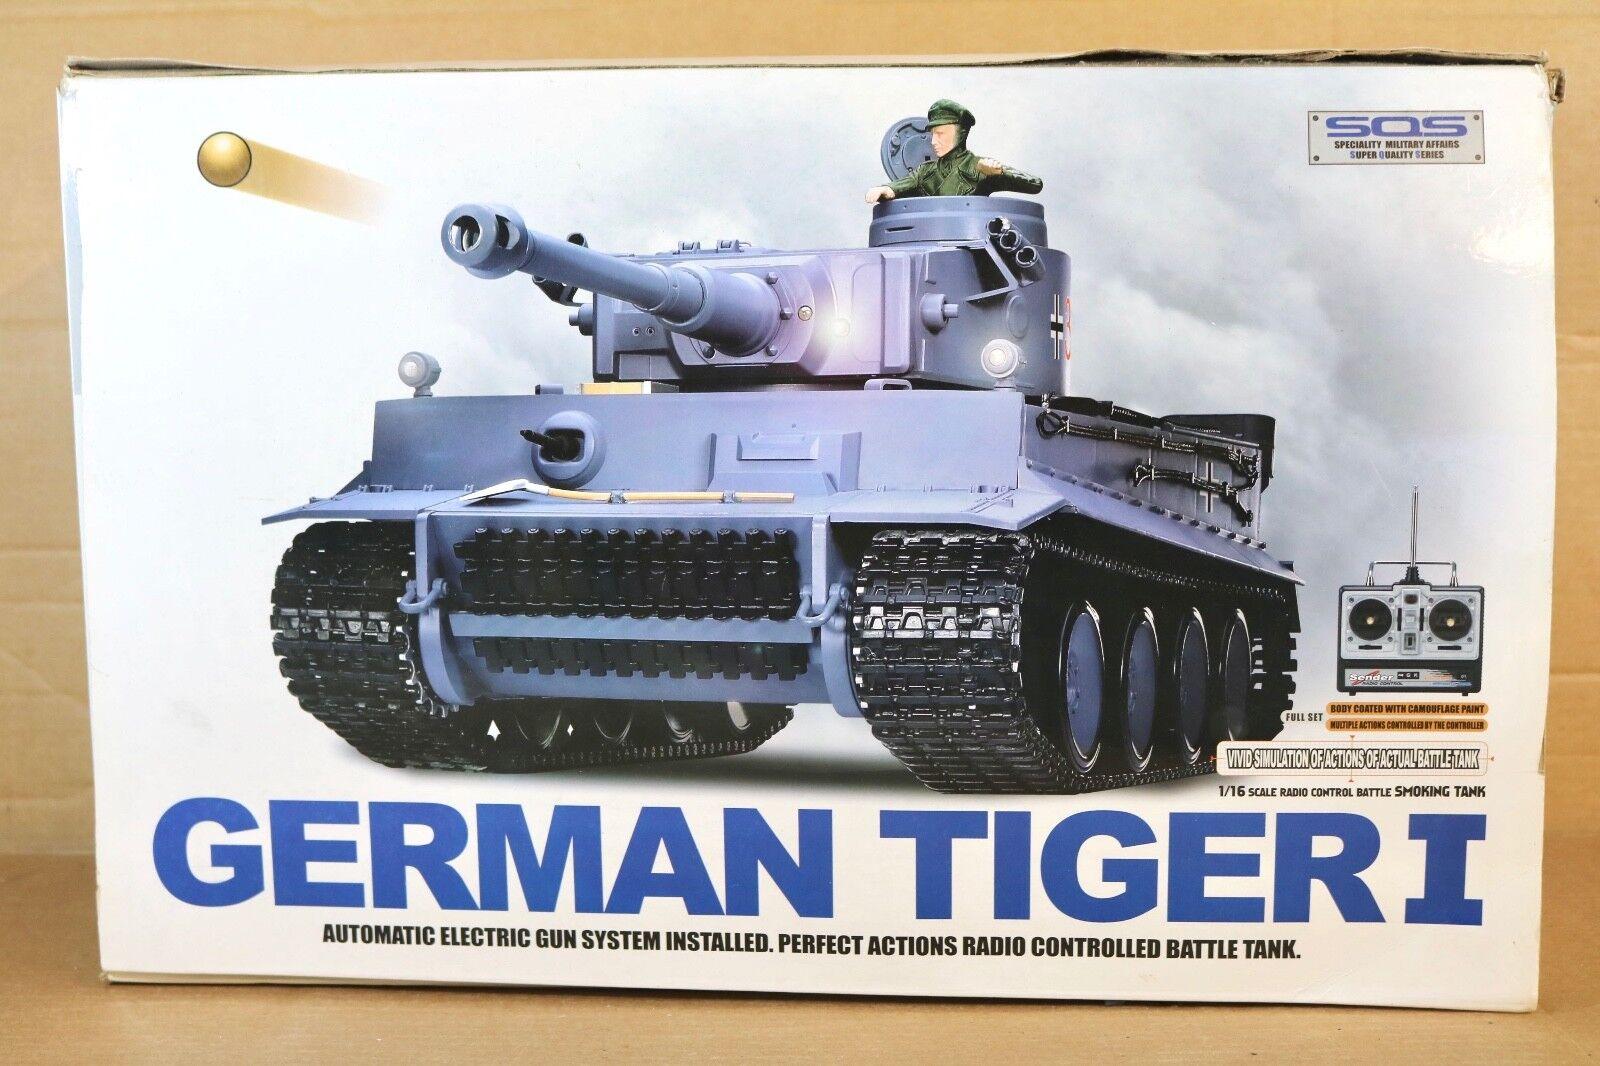 Heng lungo 3818-1 Radiocouomodo  Seconda Guerra Mondiale Tedesco Tiger I  spedizione e scambi gratuiti.